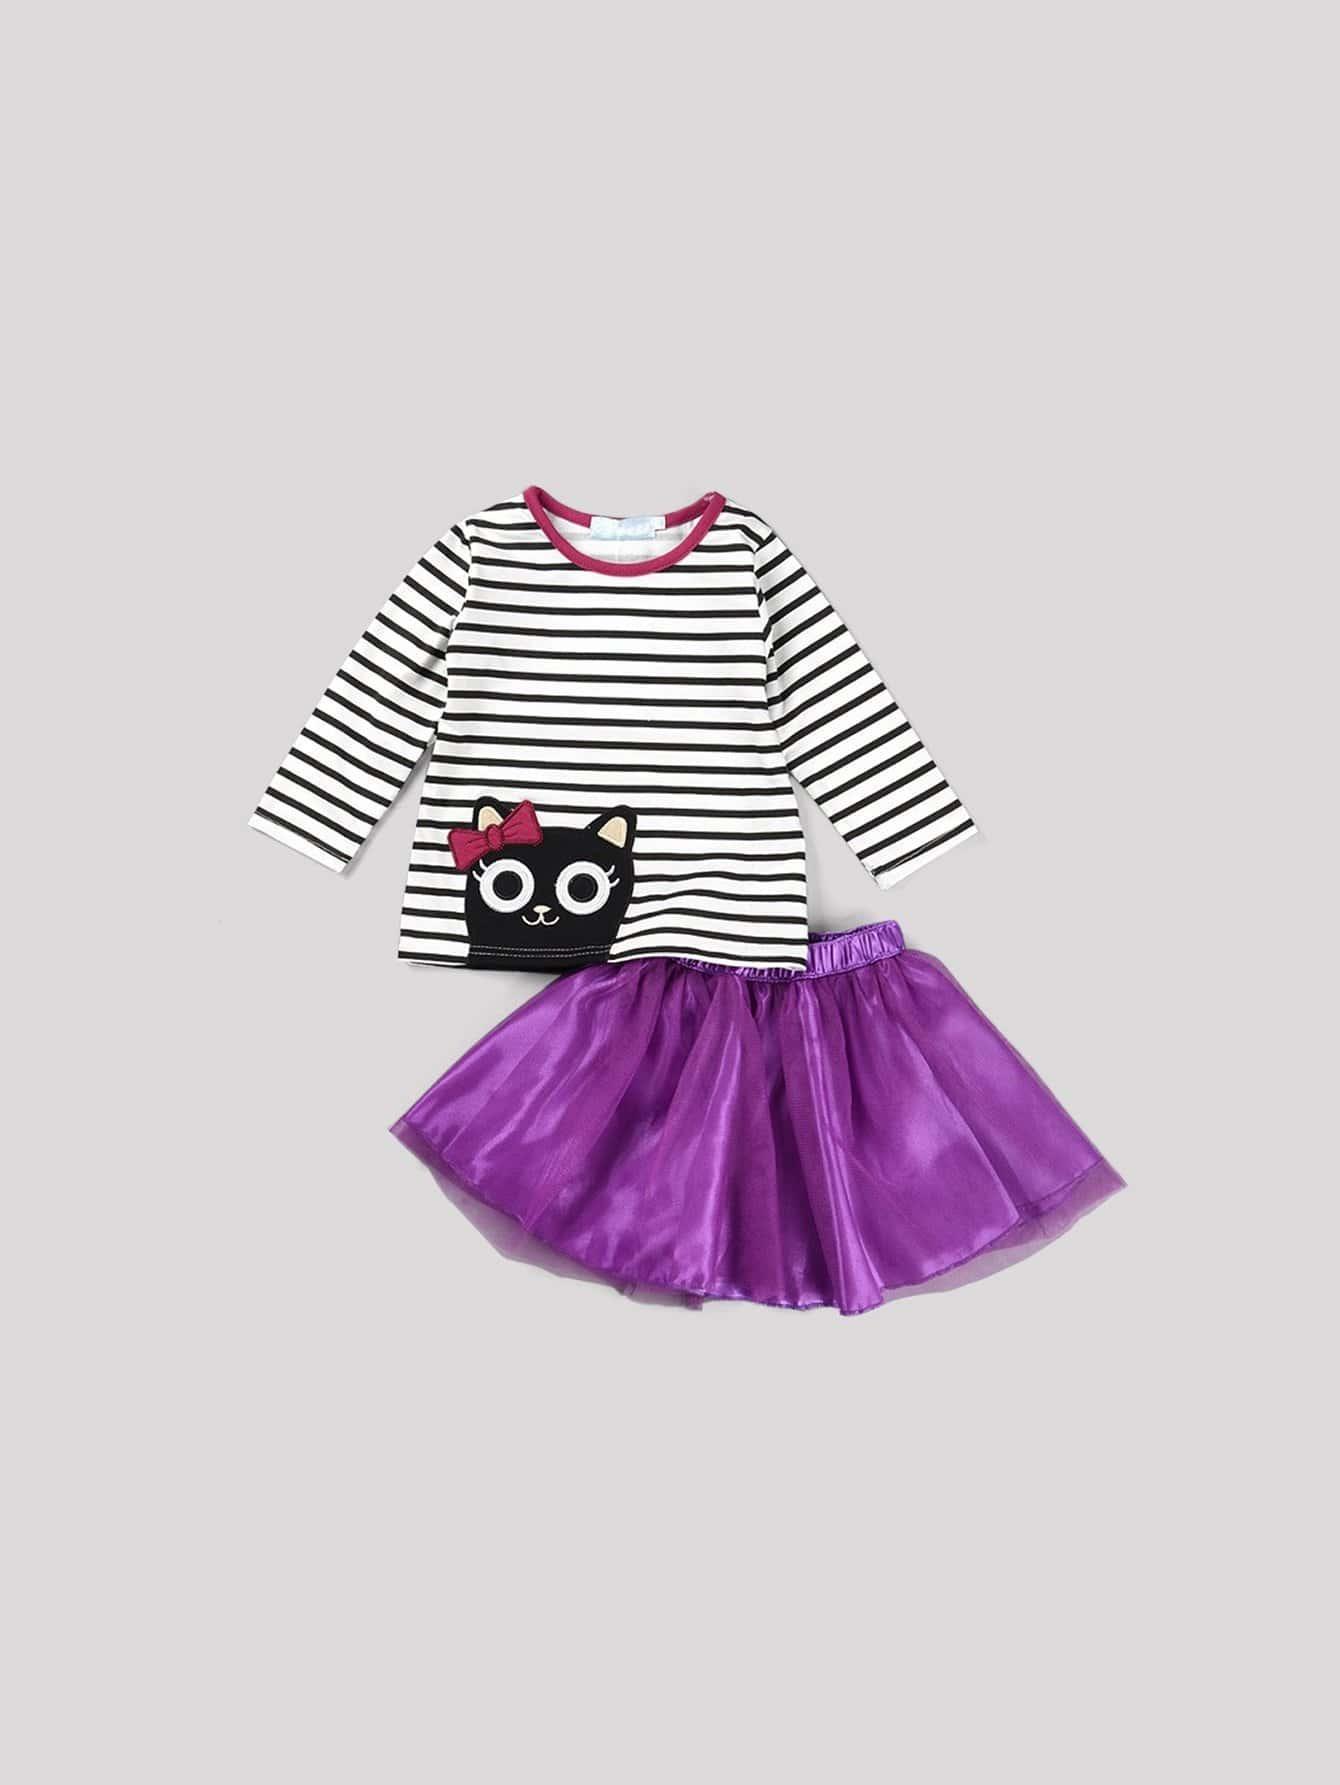 Купить Полосатая футболка с принтом вышитого кота и юбка для девочек, null, SheIn